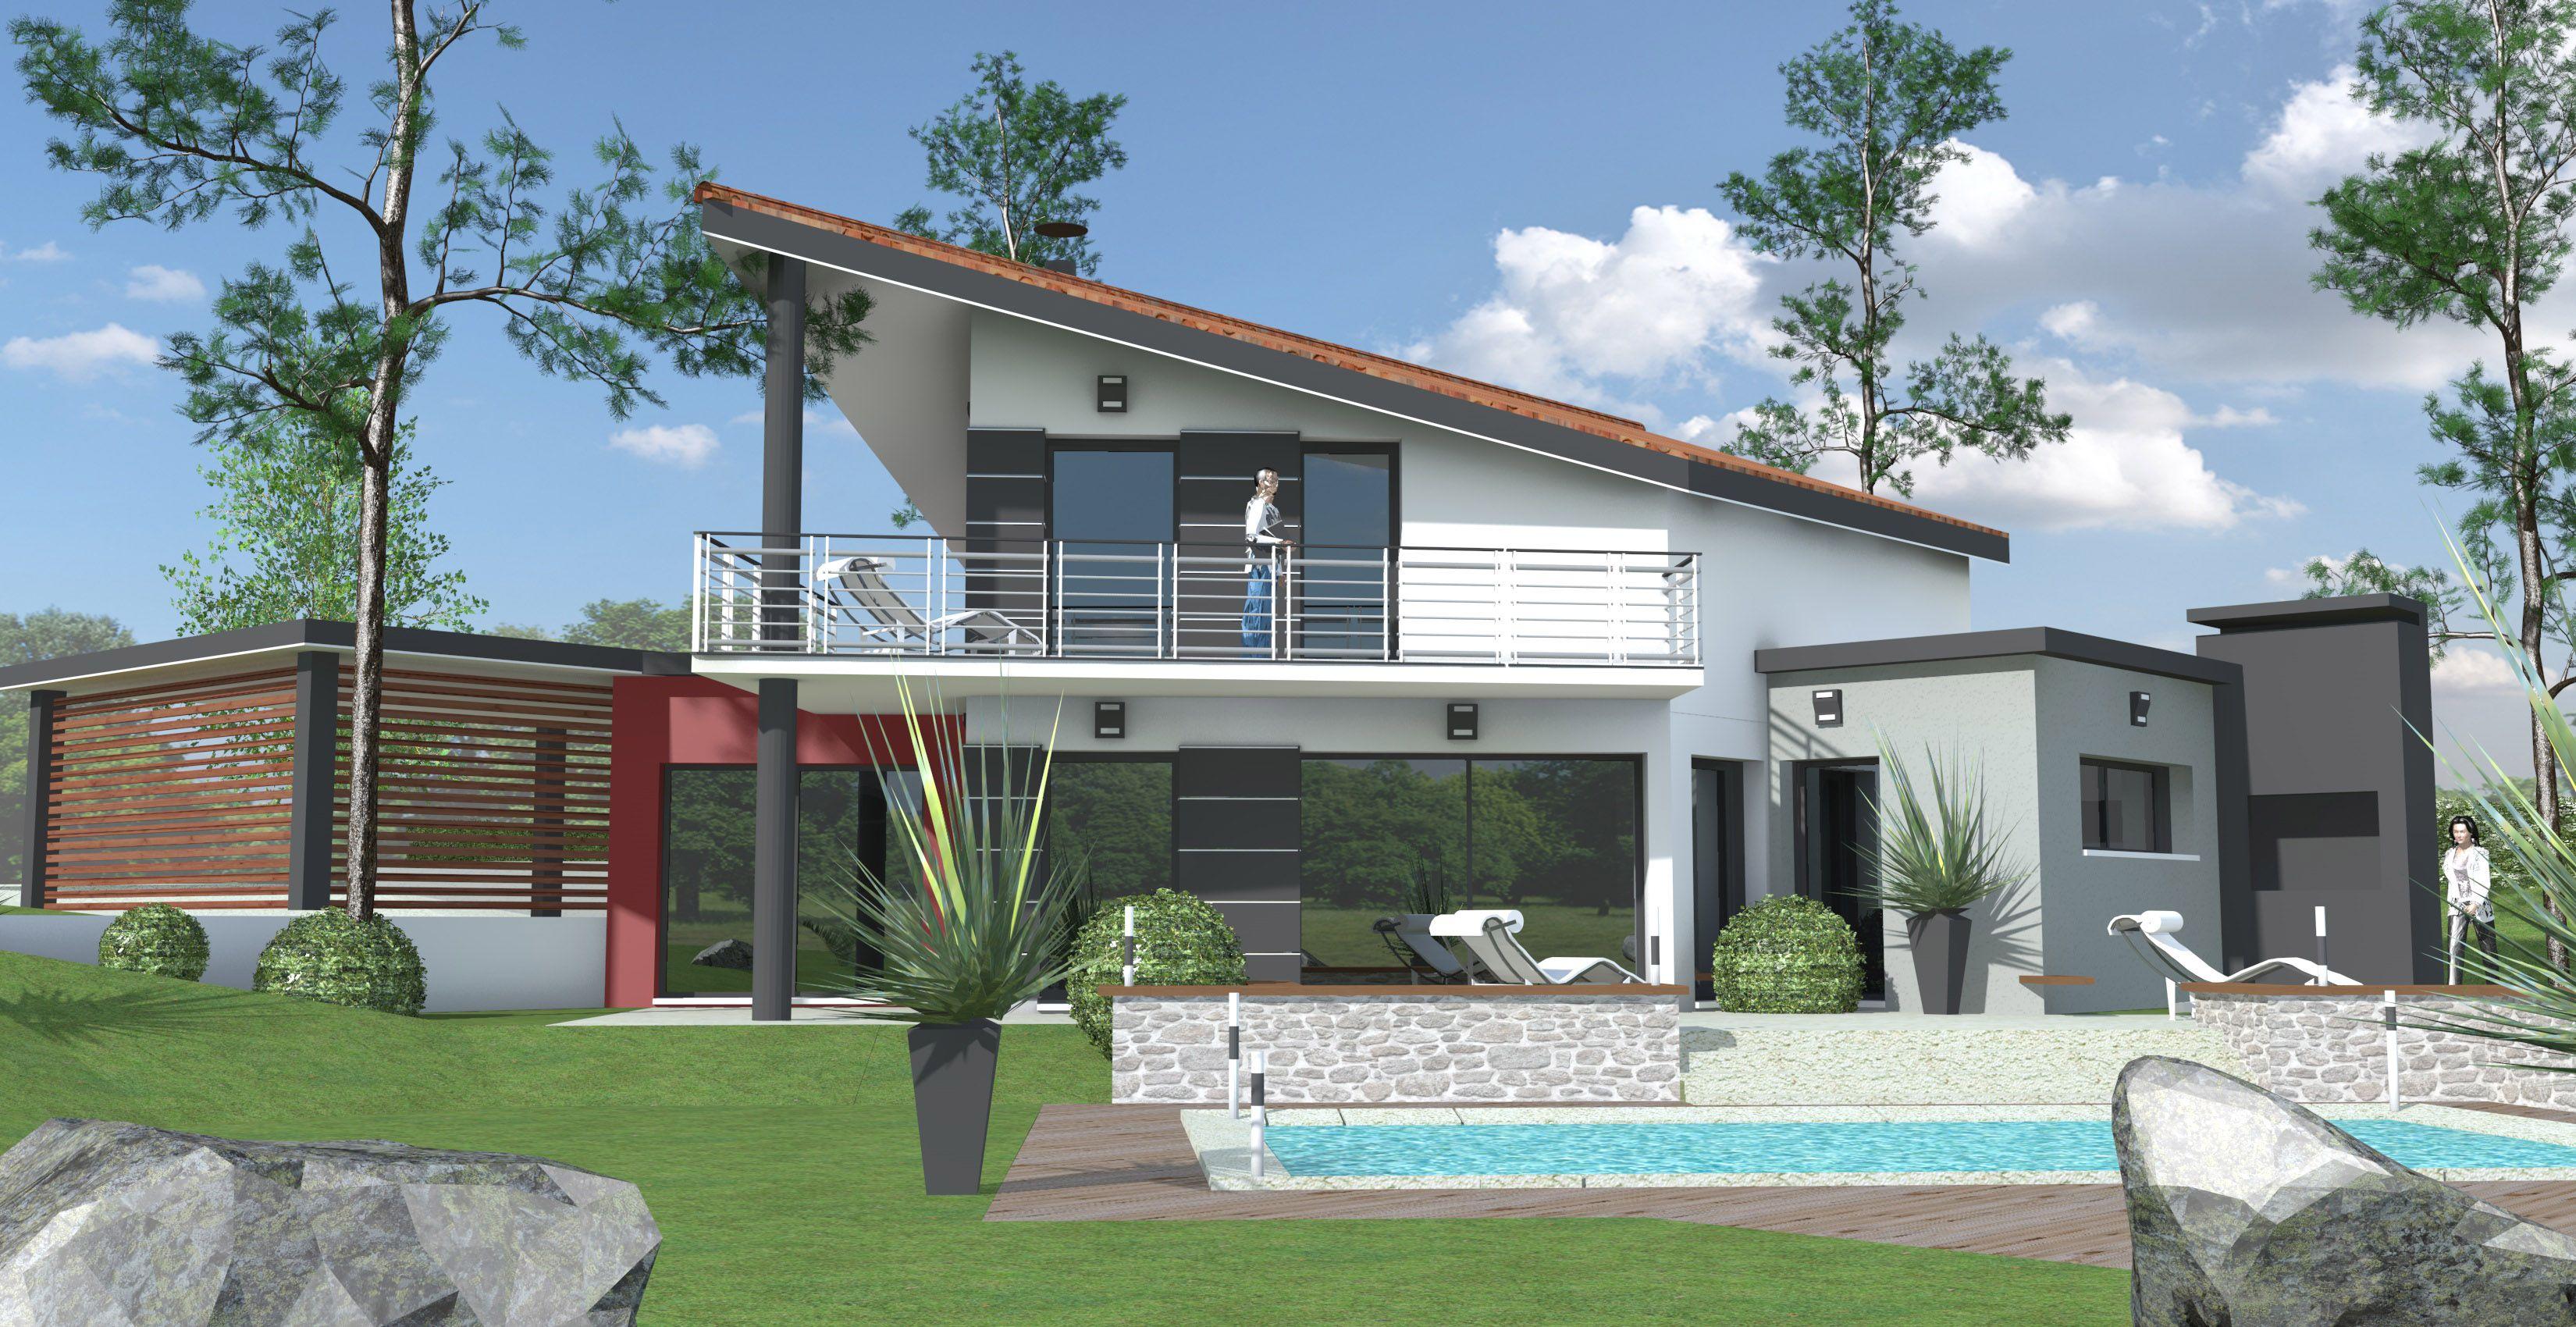 Nouveau Projet Maison Contemporaine A Etage Qui Mele La